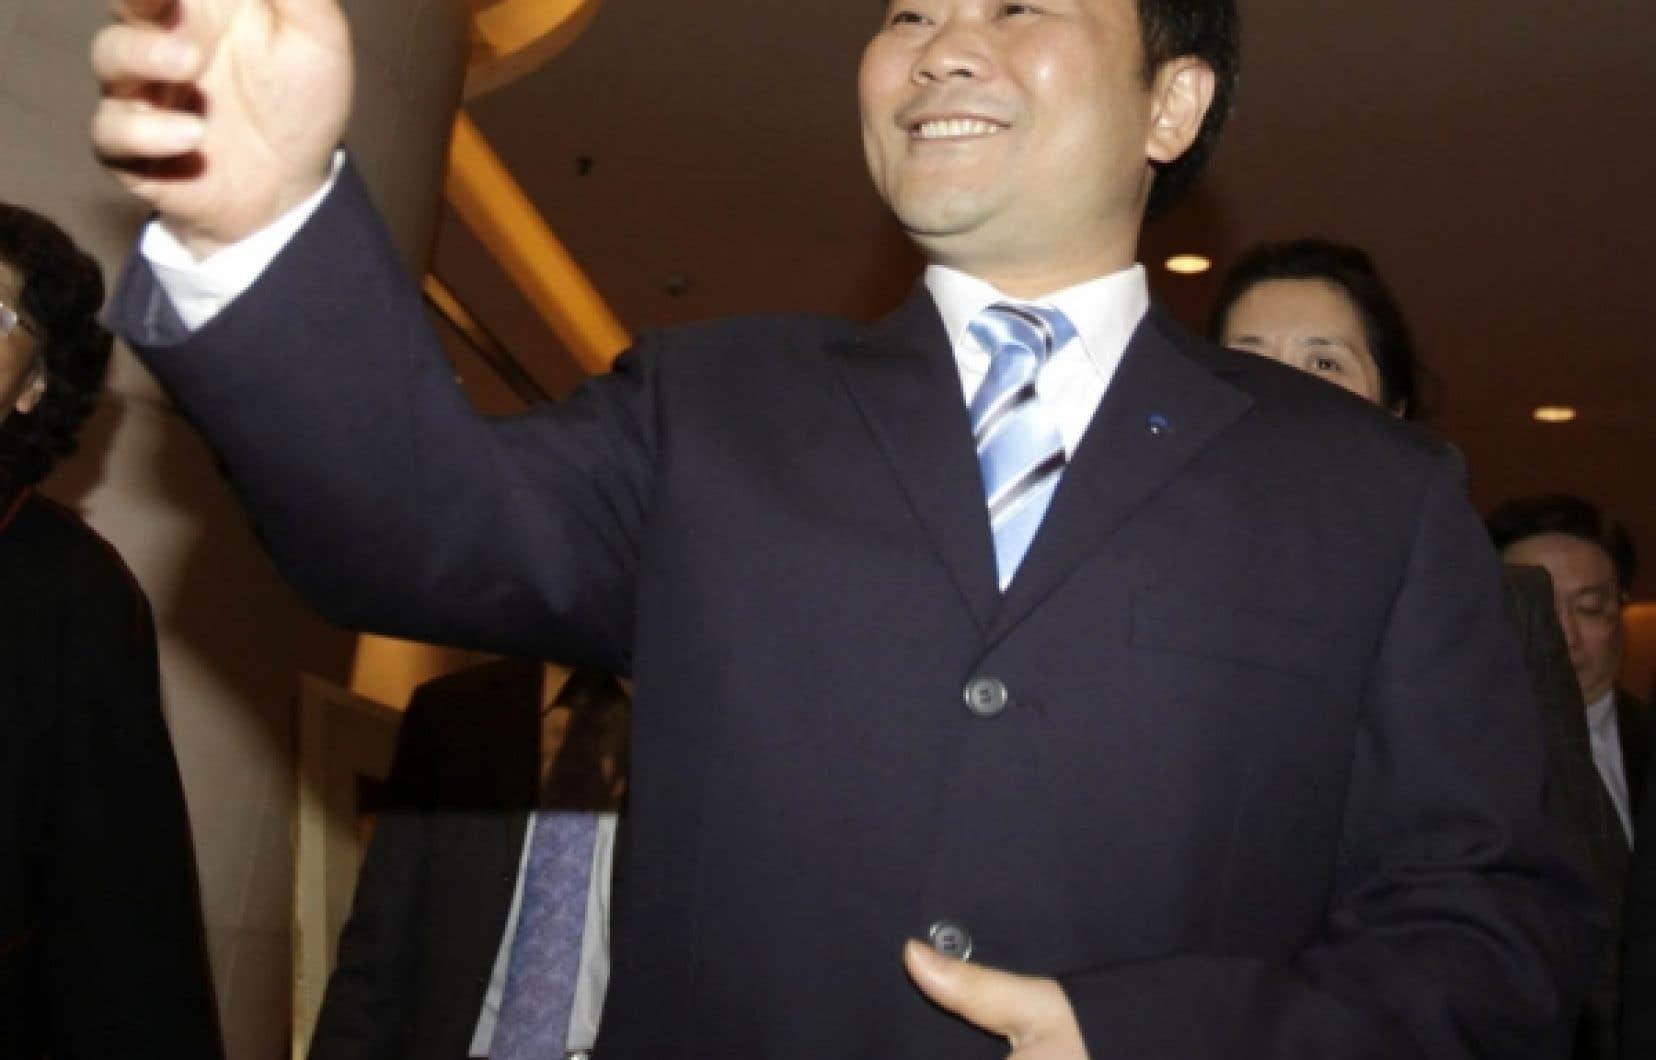 Le président et fondateur de Geely, Li Shufu, s'est fait rassurant en annonçant l'acquisition par sa société du constructeur suédois: «Volvo, c'est Volvo et Geely, c'est Geely», a-t-il lancé.